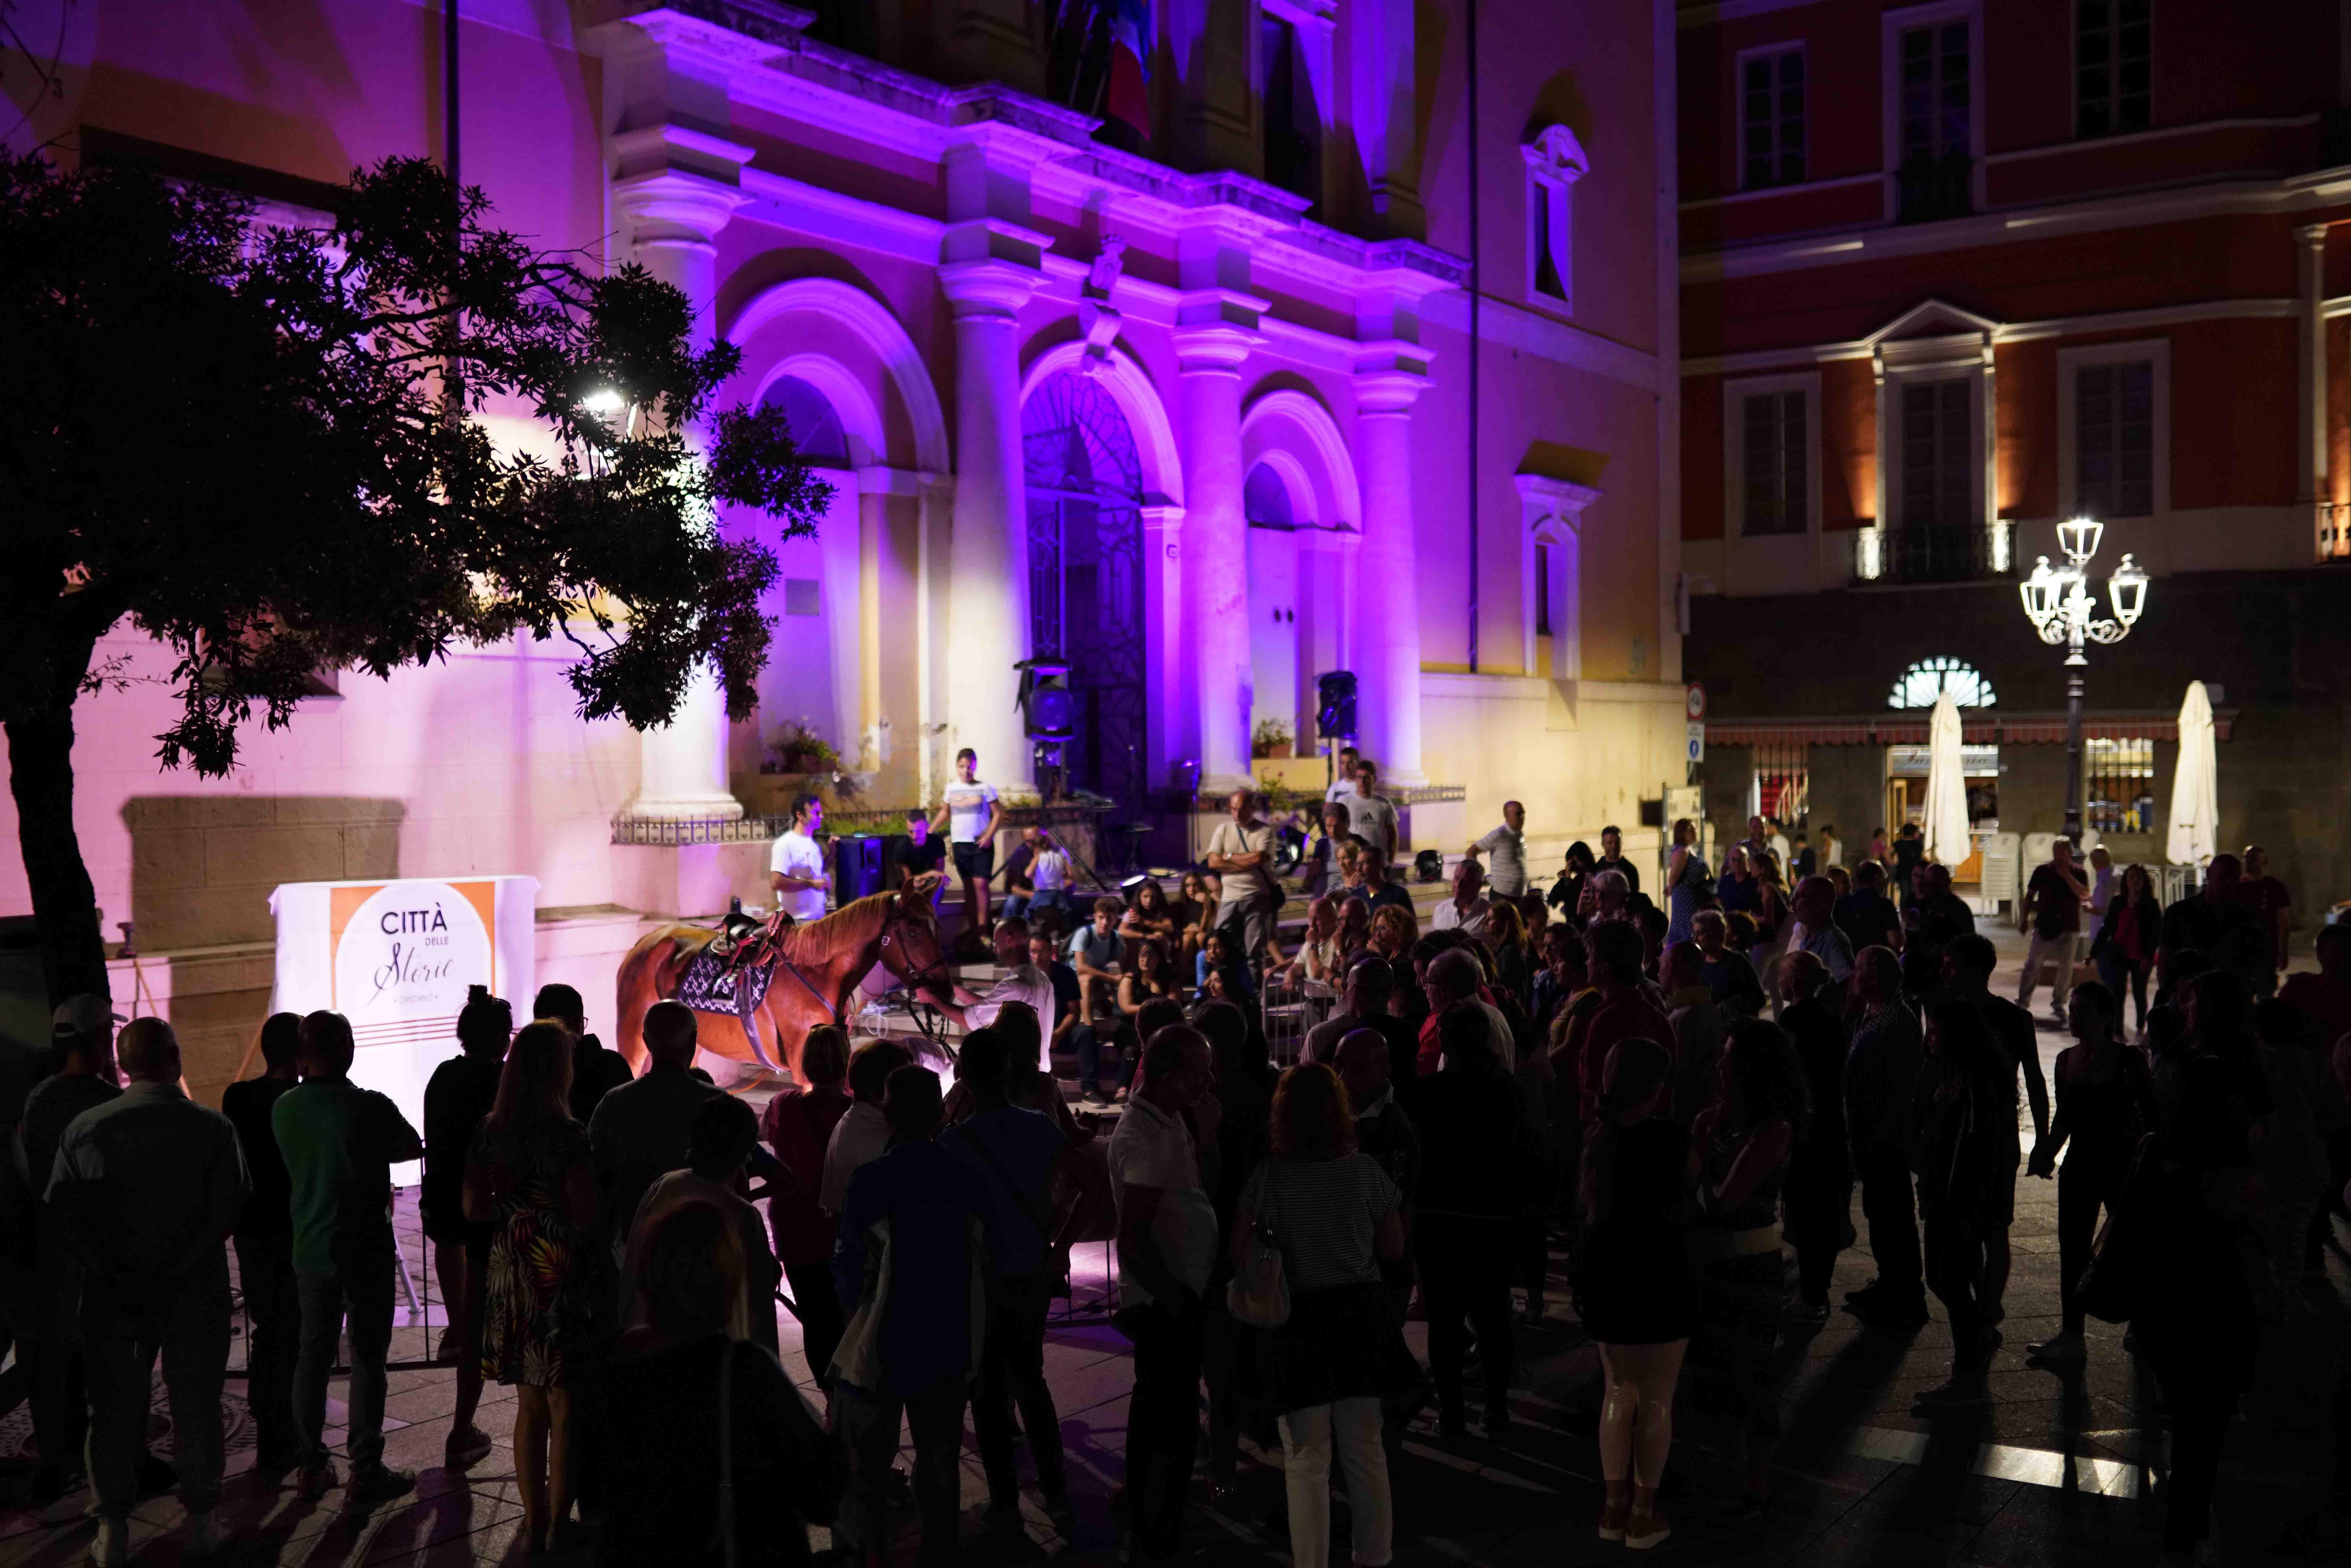 Città delle Storie Heuristic associazione culturale sardinia